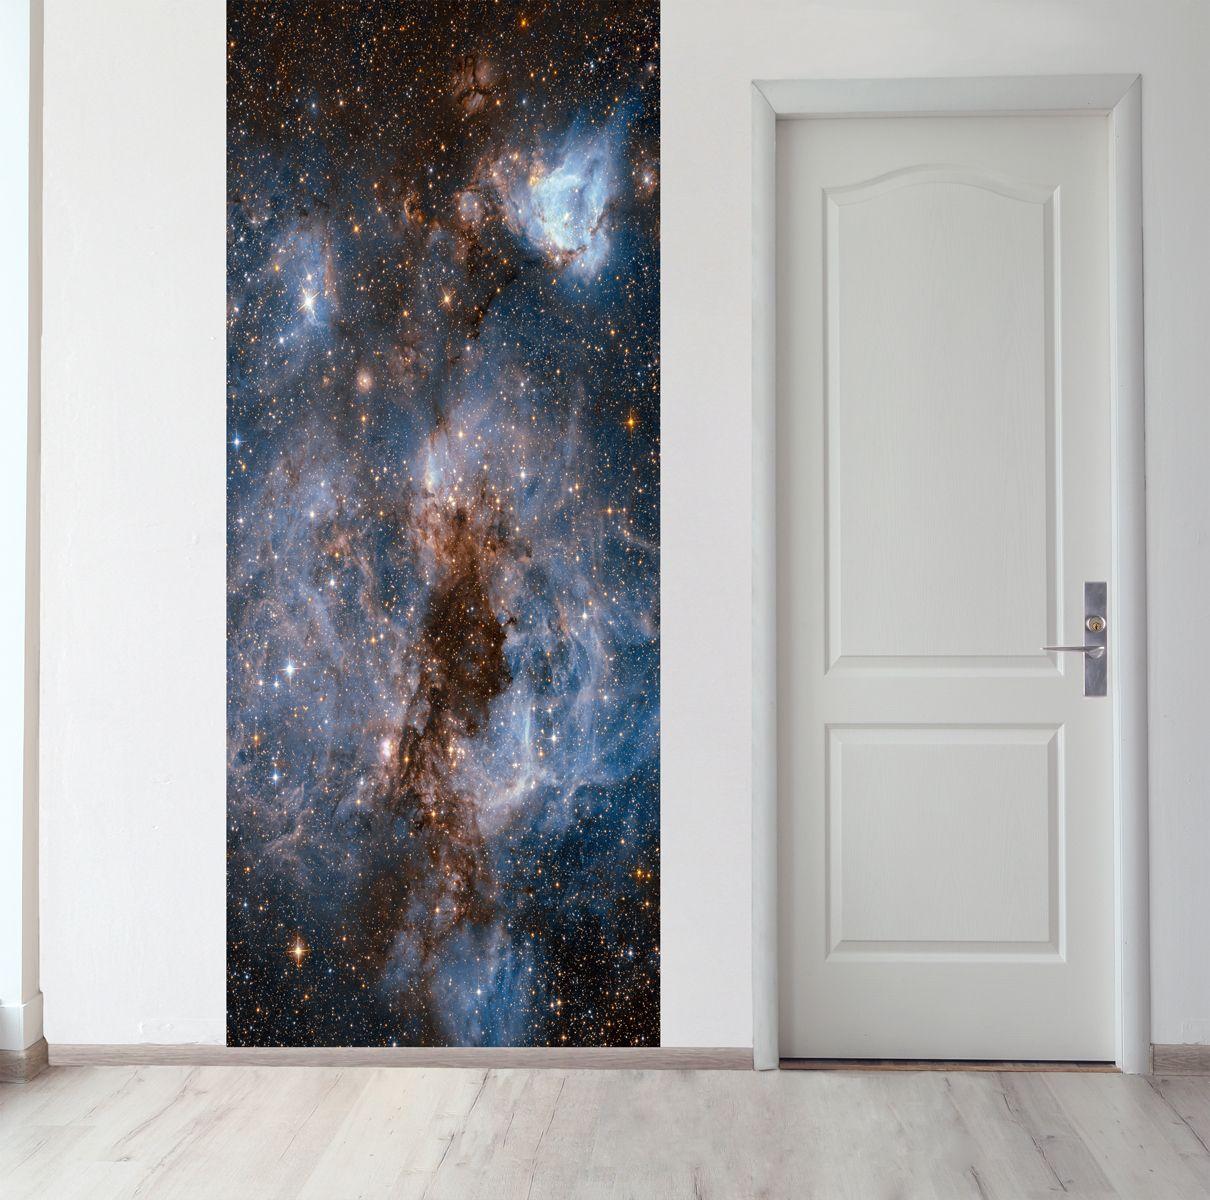 Панно на стену - Глубокий космос магазин Интерьерные наклейки